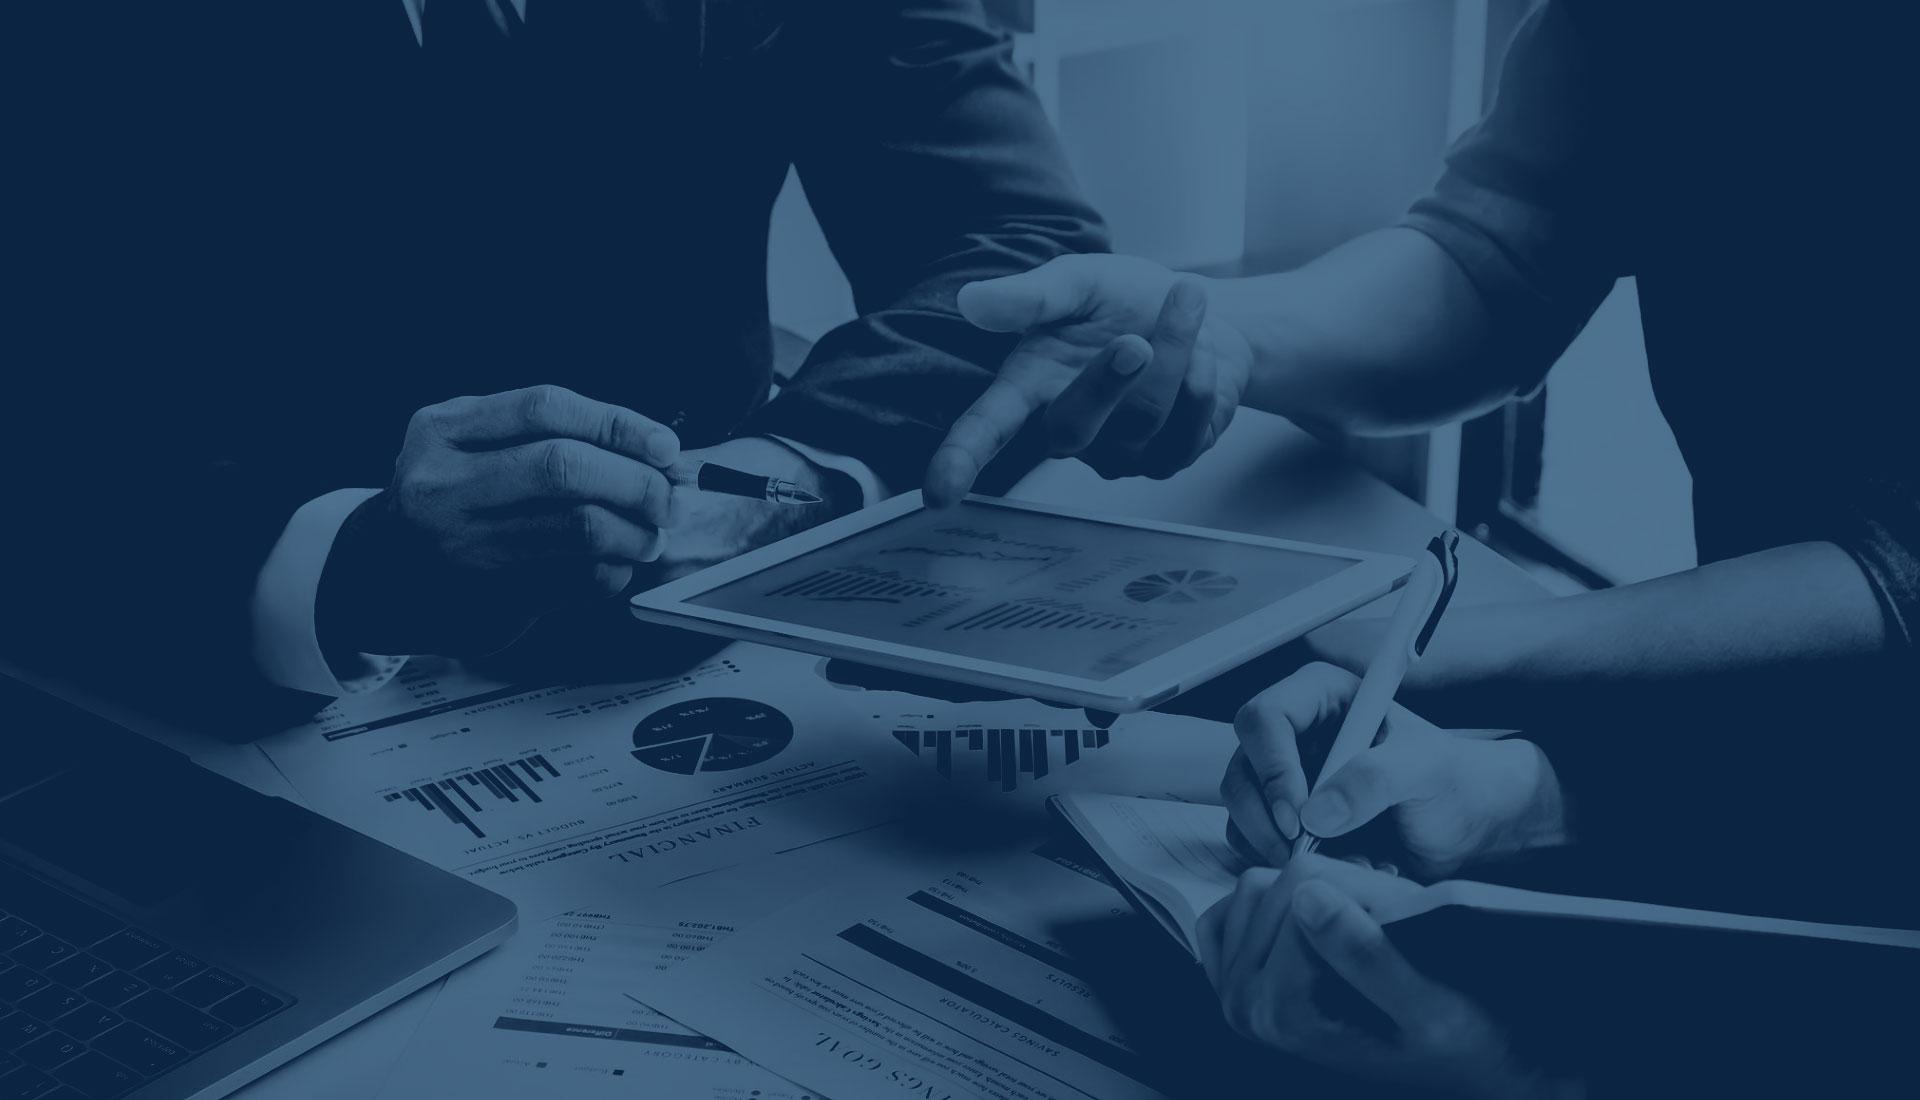 Engineering desenvolve plataforma de inovação e inteligência fiscal.